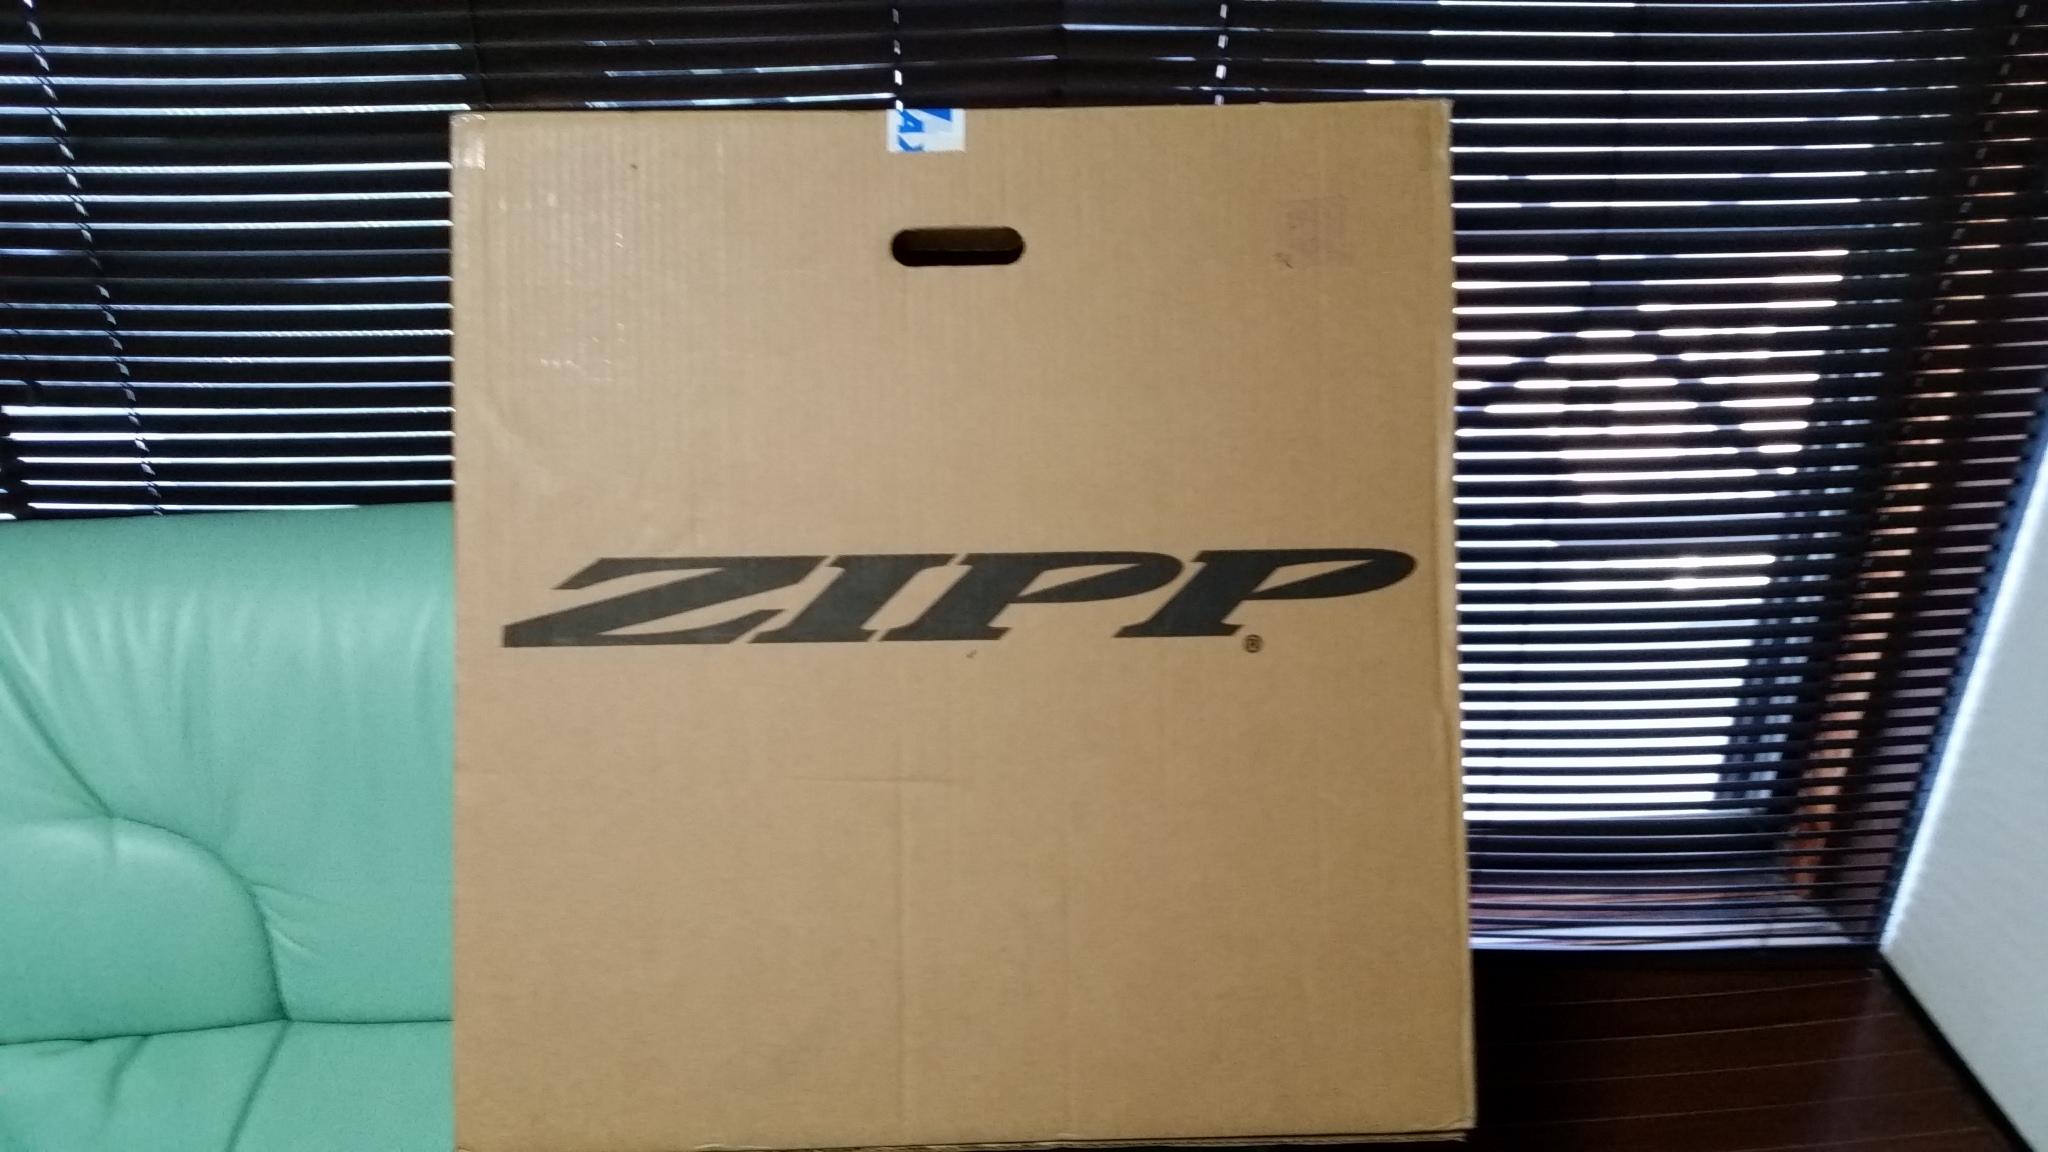 TTバイクにはディスクホイールがよく似合う!!ZIPP 900 チューブラー( ゚Д゚)ゞ